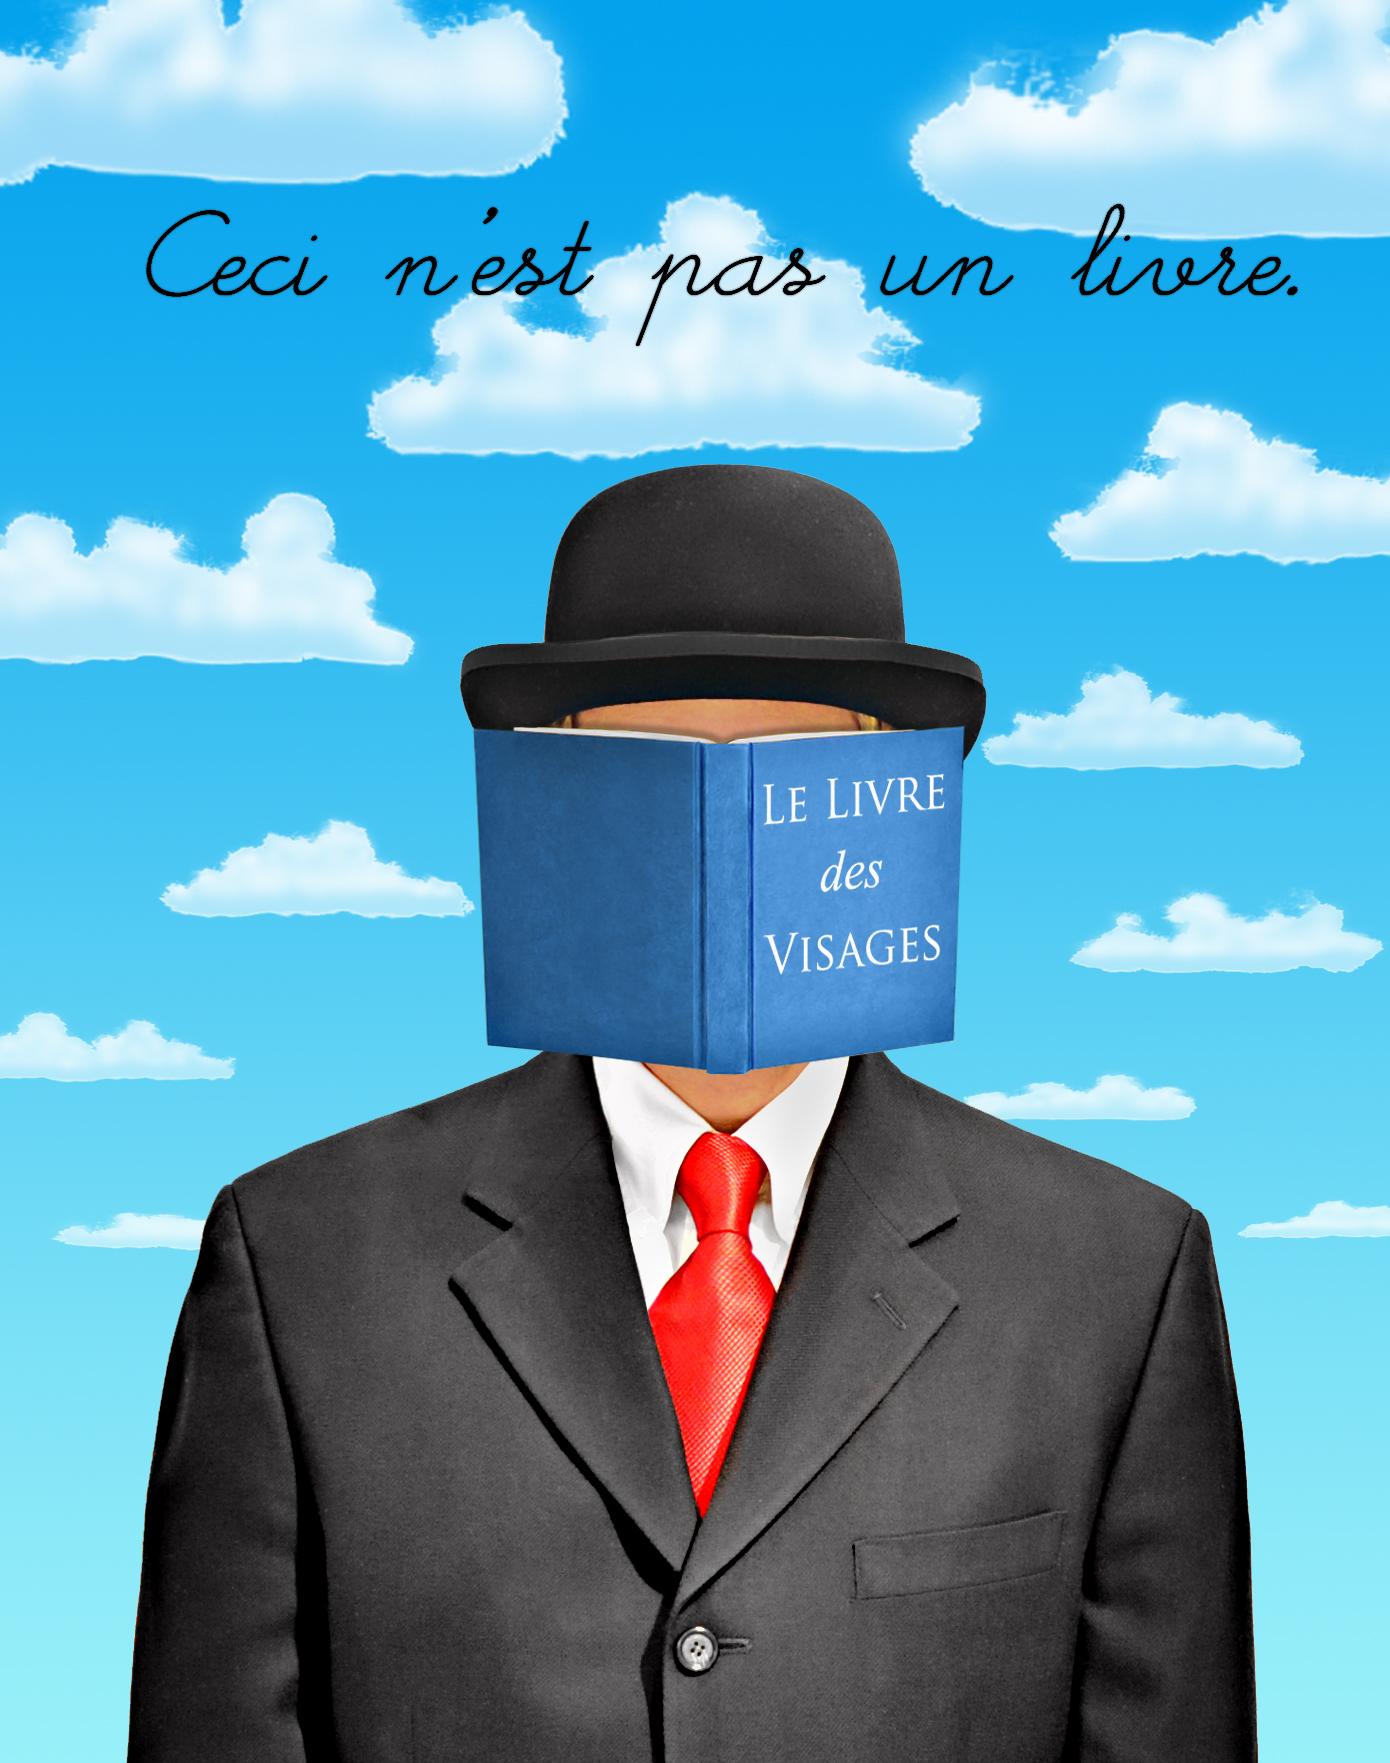 Le Livre des Visages (FINAL).jpg